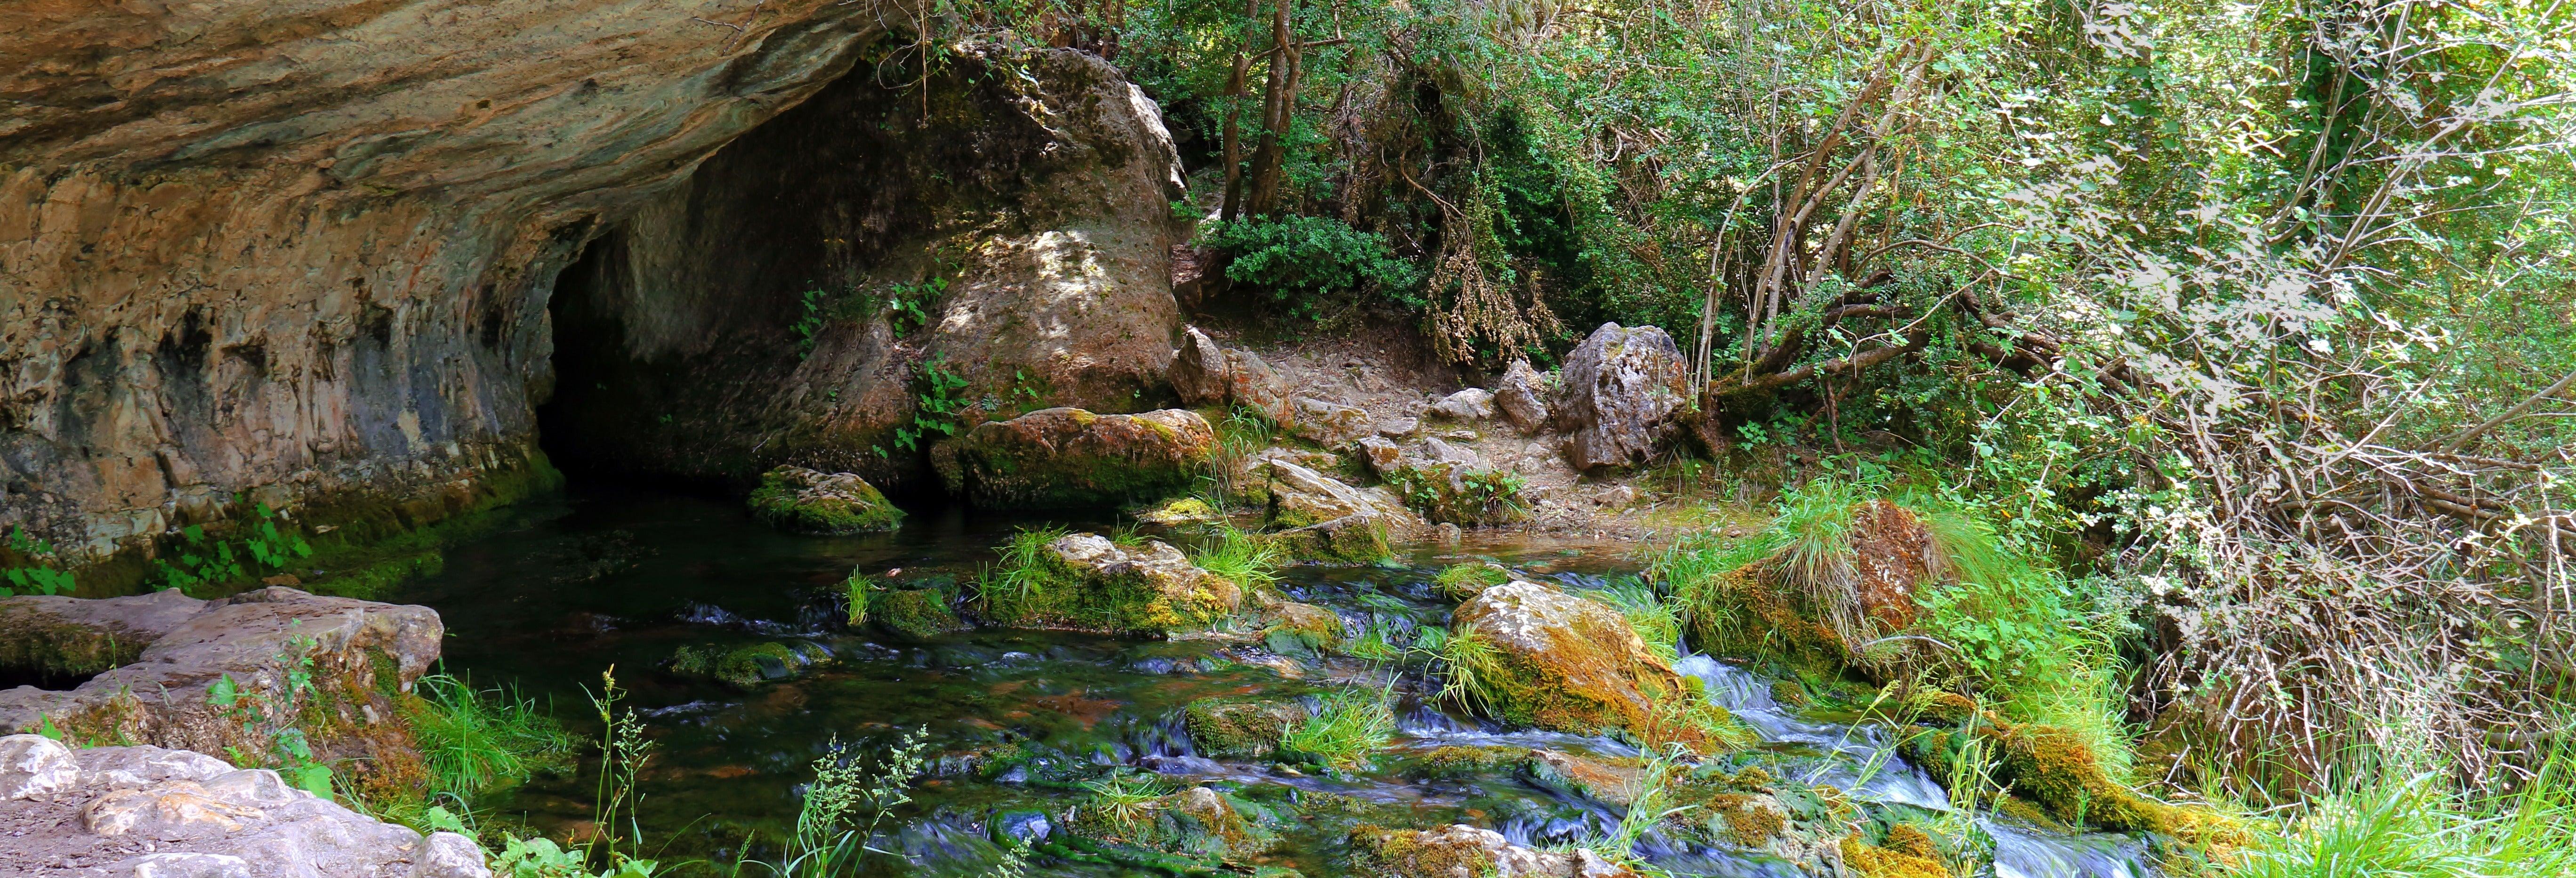 Excursión al río Cuervo y Callejones de las Majadas